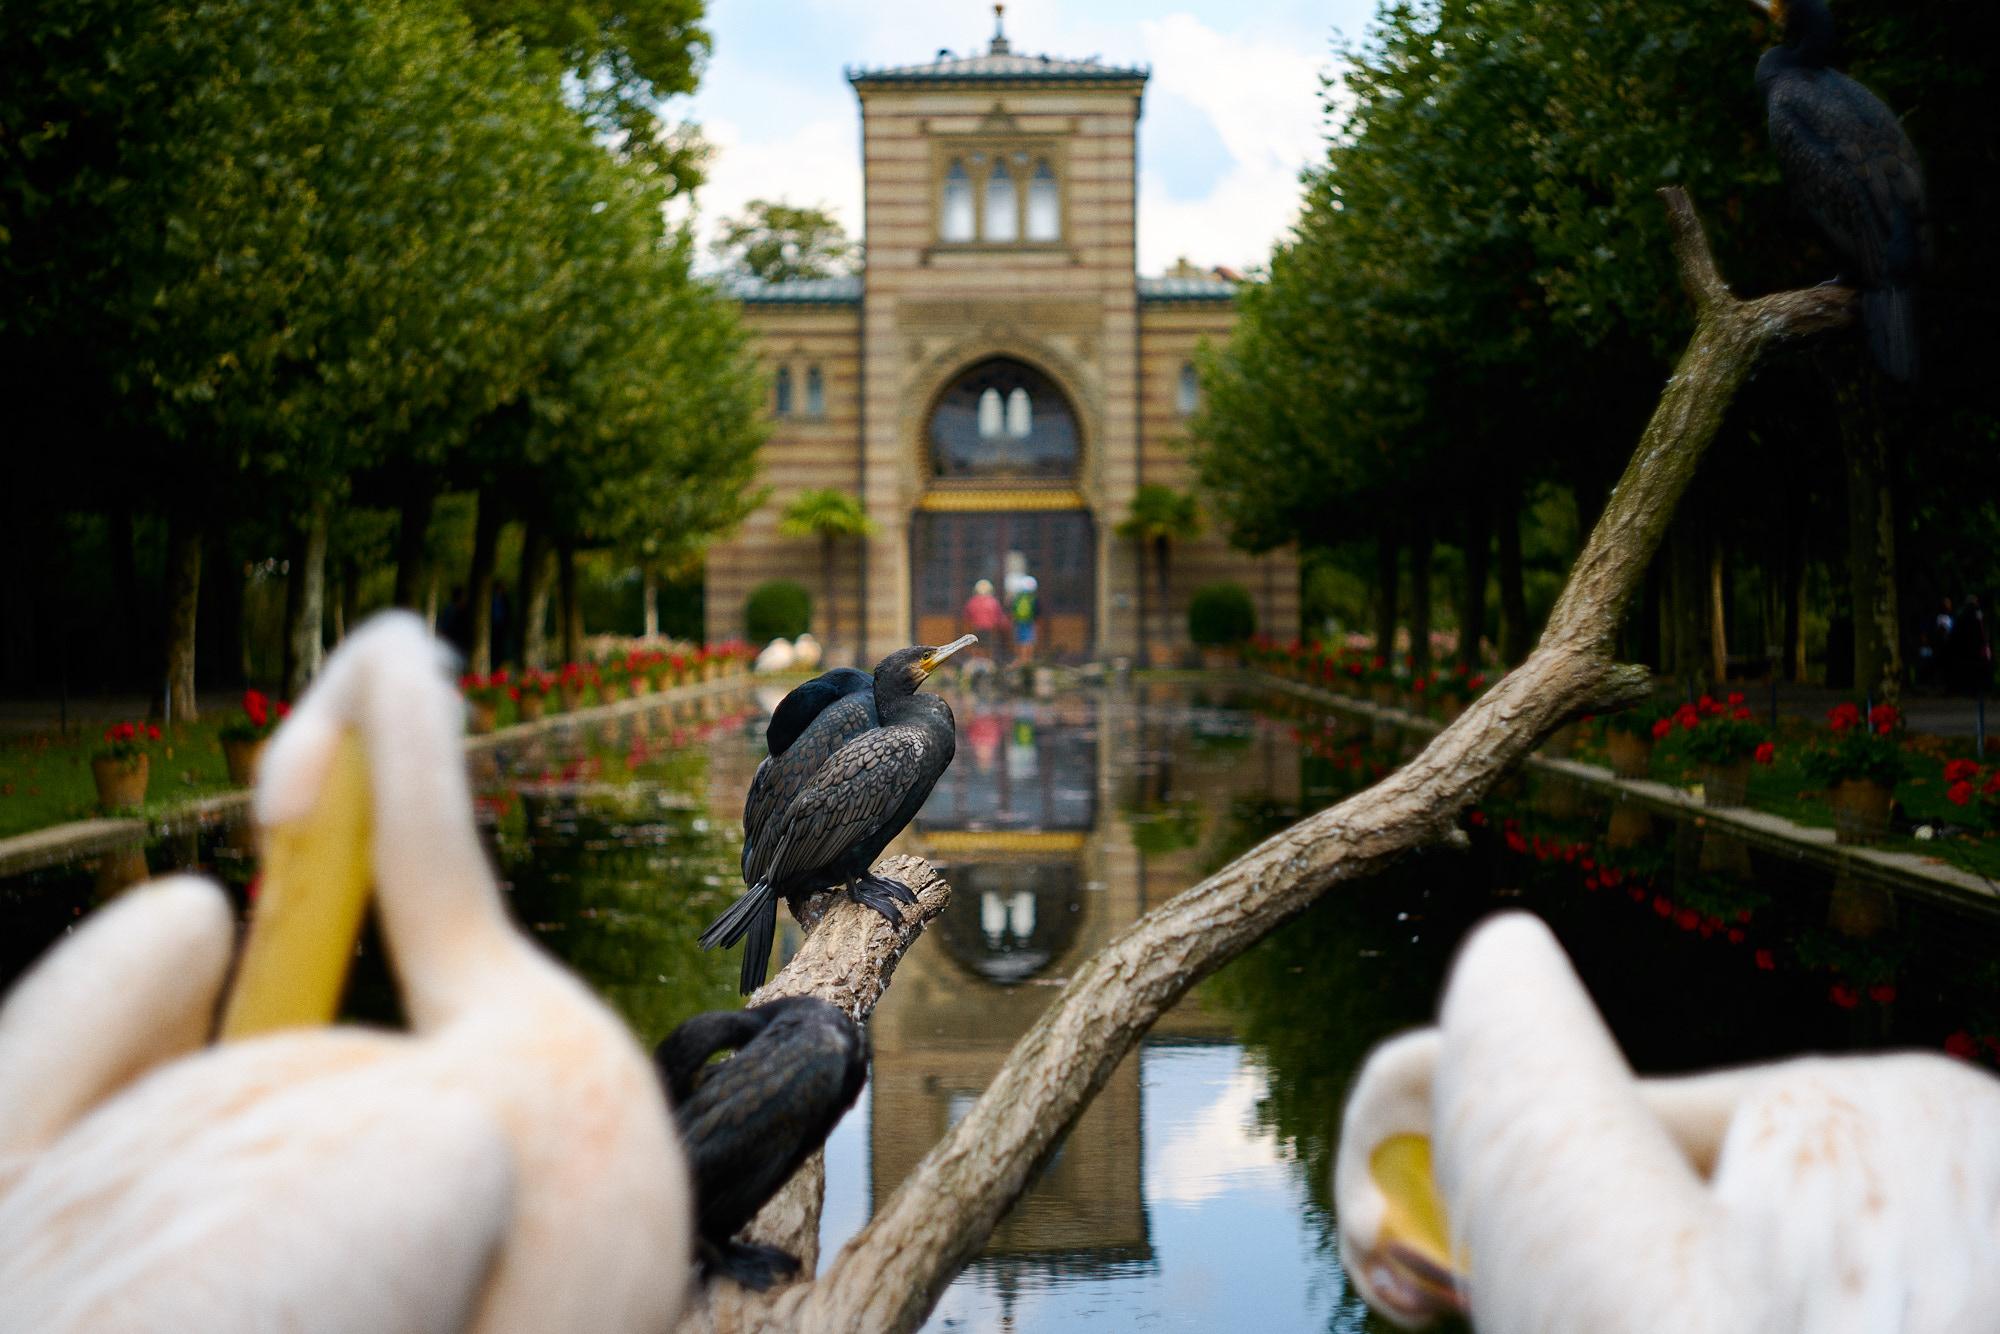 Wilhelma Zoo, Germany